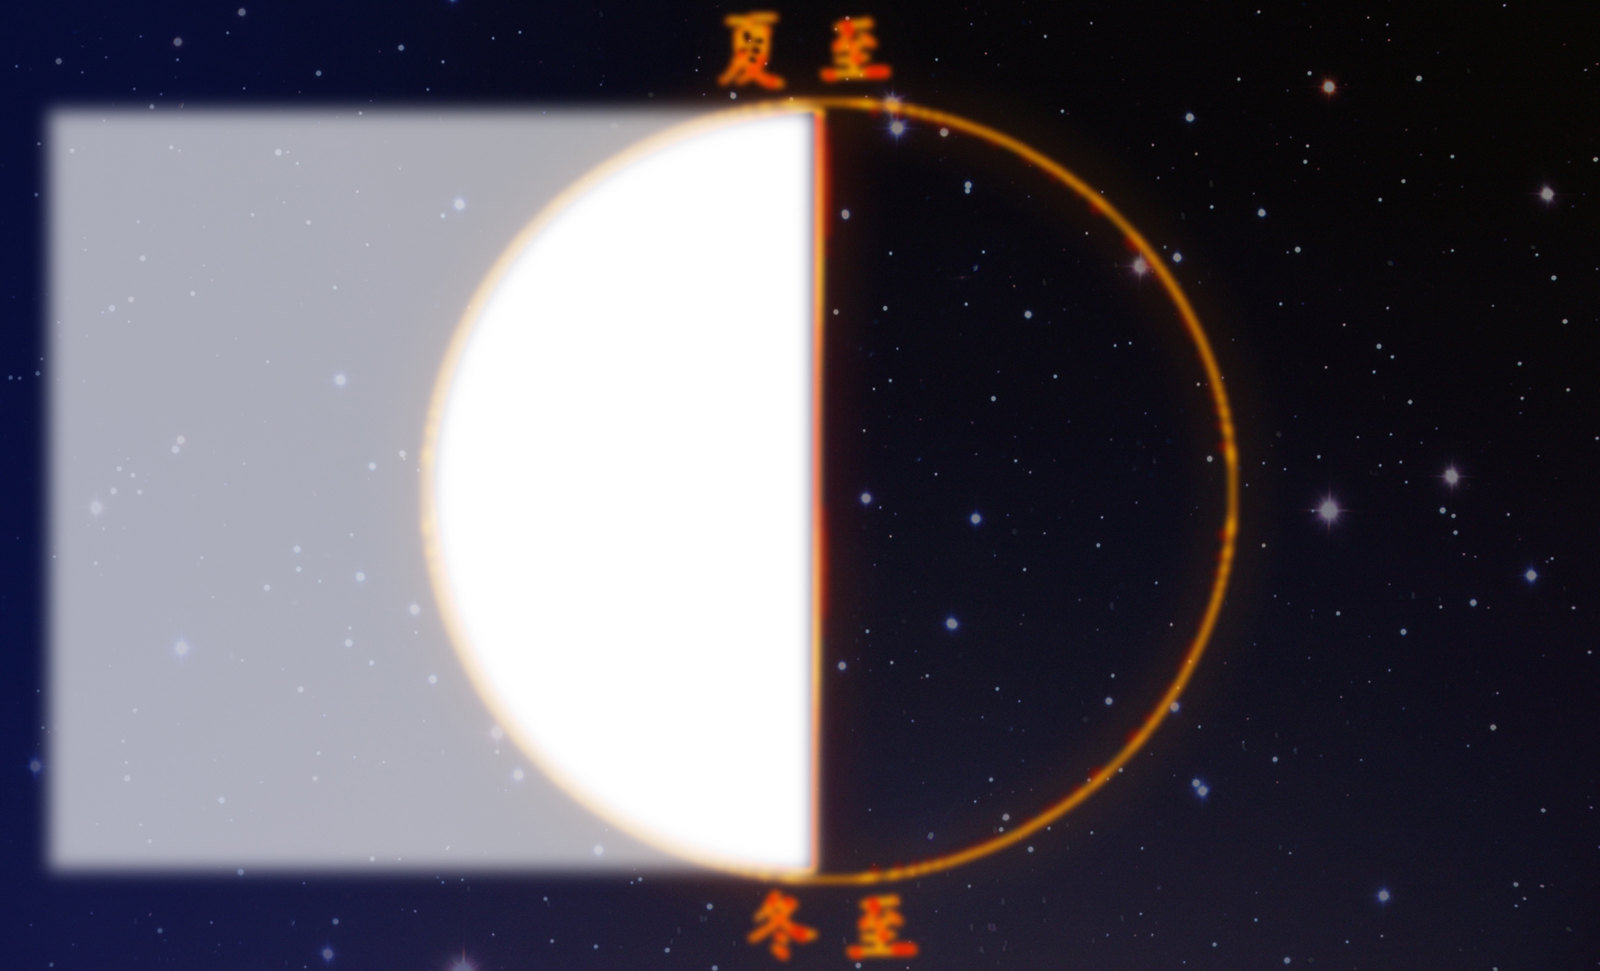 Sintagmas Hipodámicos / Diagramaciones ortogonales para diseñar universos